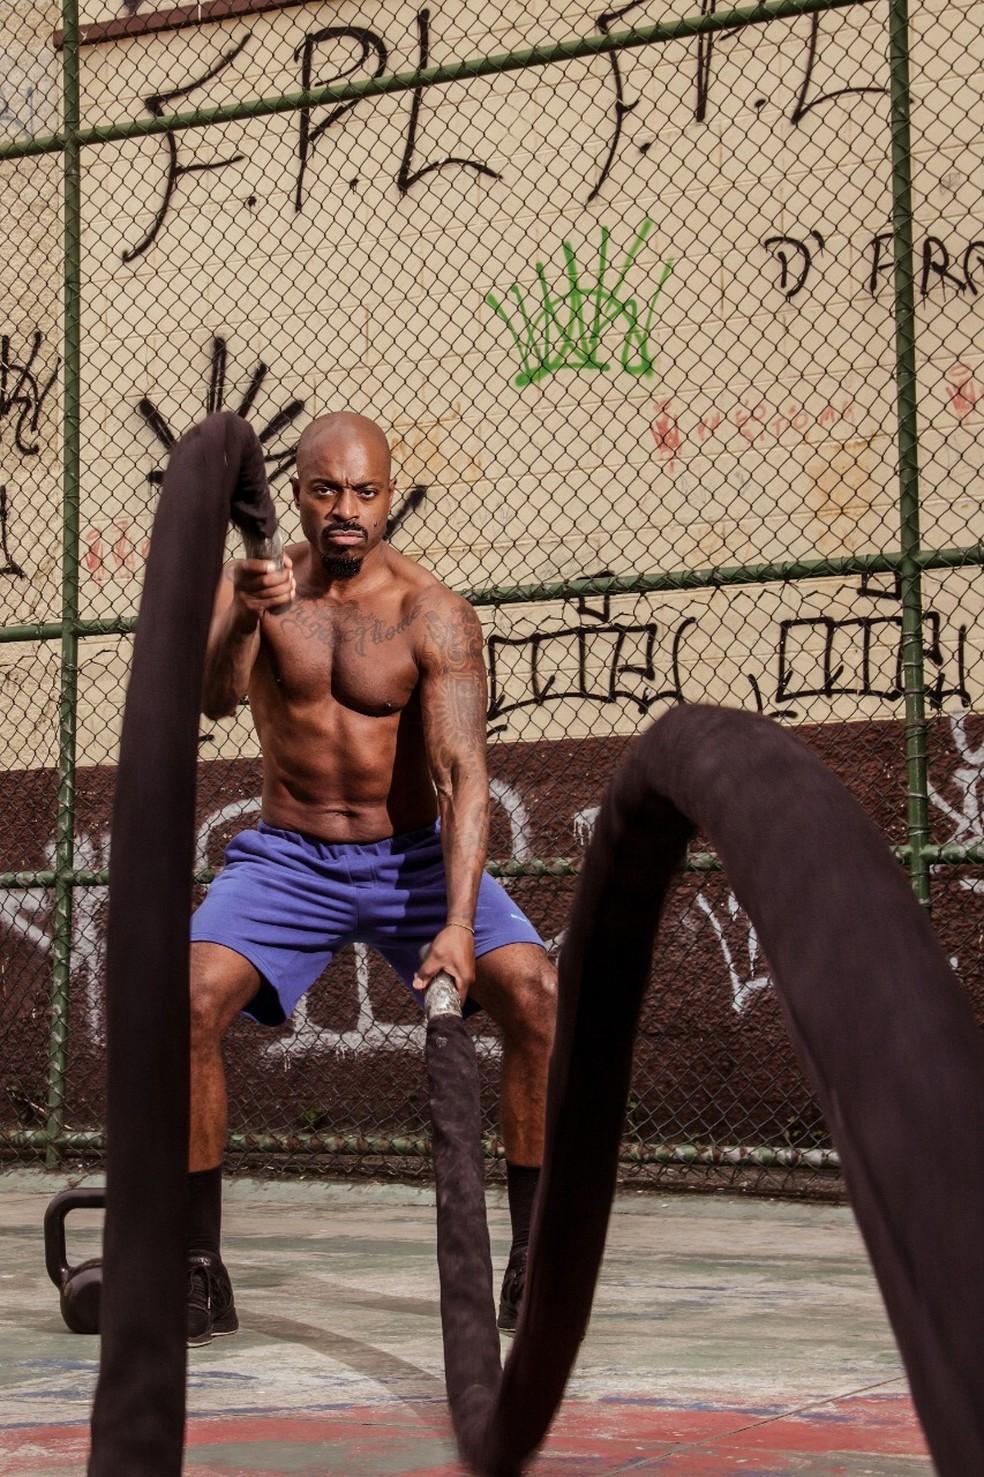 Atividade física está na rotina diária de Thiago Thomé  — Foto: Divulgação/Márcio Farias